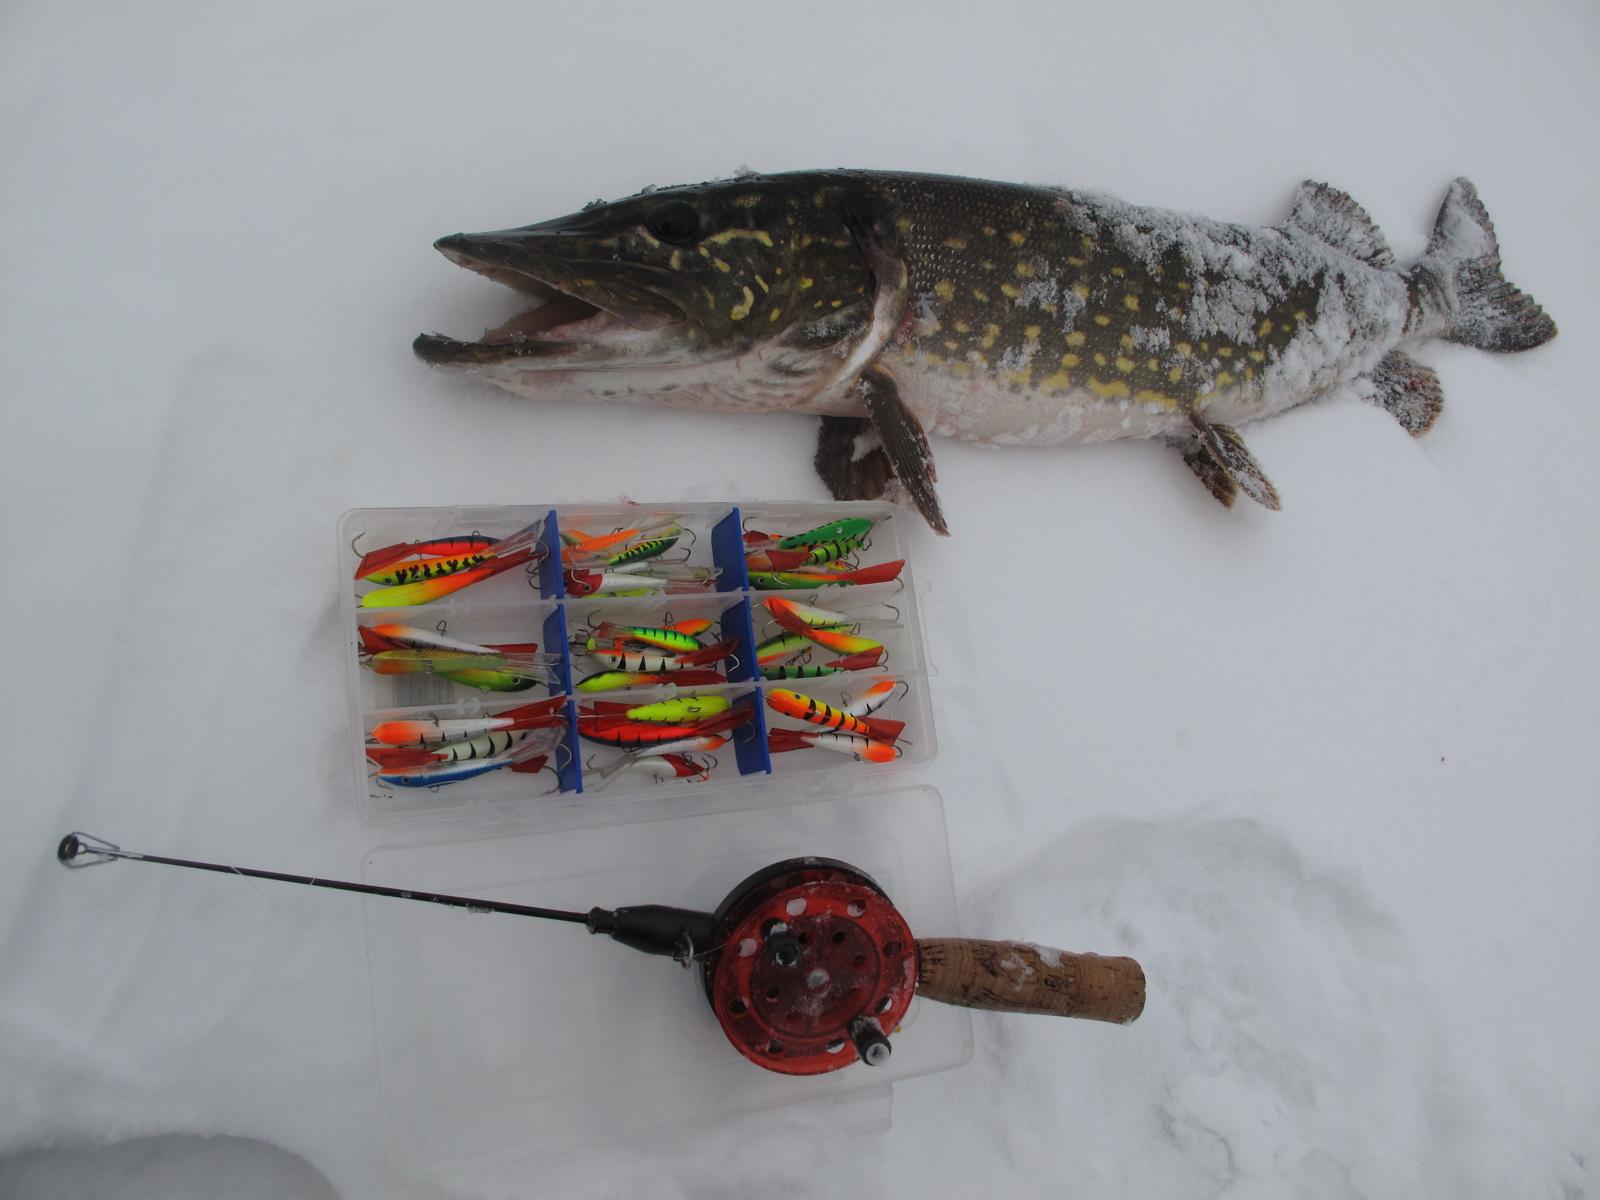 Рыба на льду и коробка с приманками